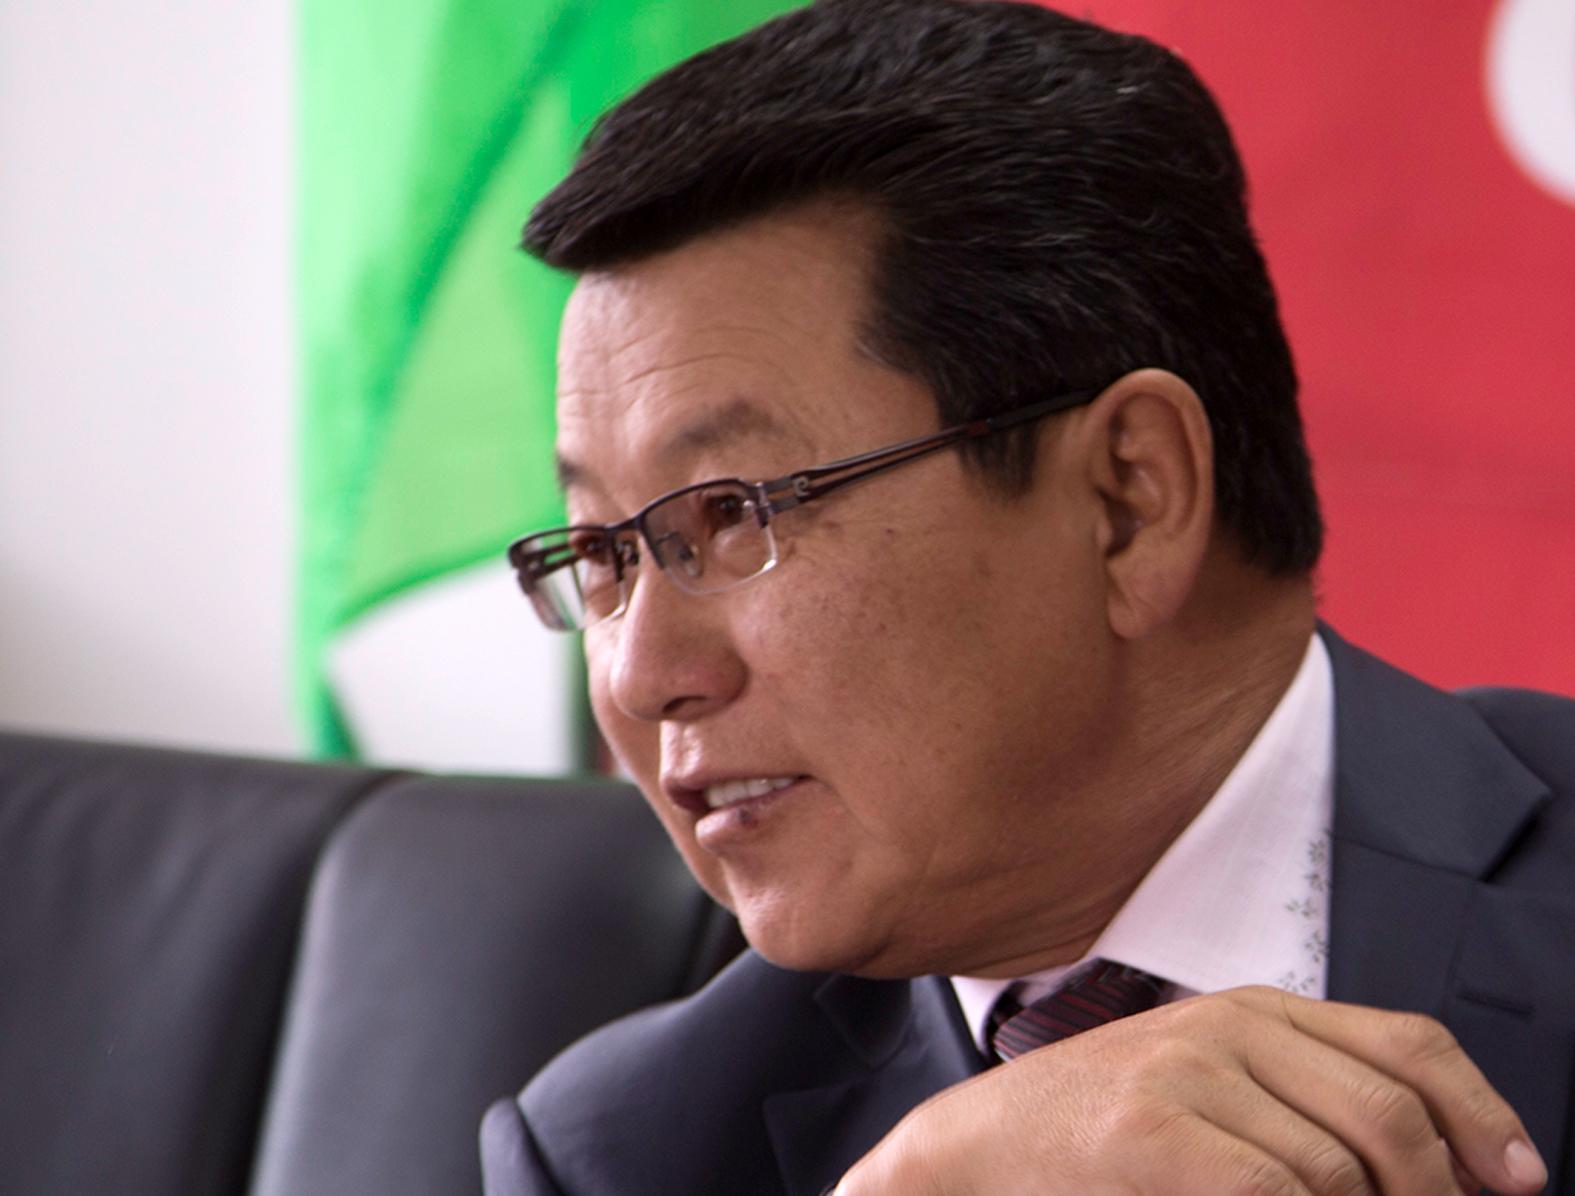 Ч.Улаан: Монголоос хөрөнгө оруулалтаа тат гэсэн шаардлага хөрөнгө оруулагчдад тавигдаж болзошгүй суурь бүрдчихлээ